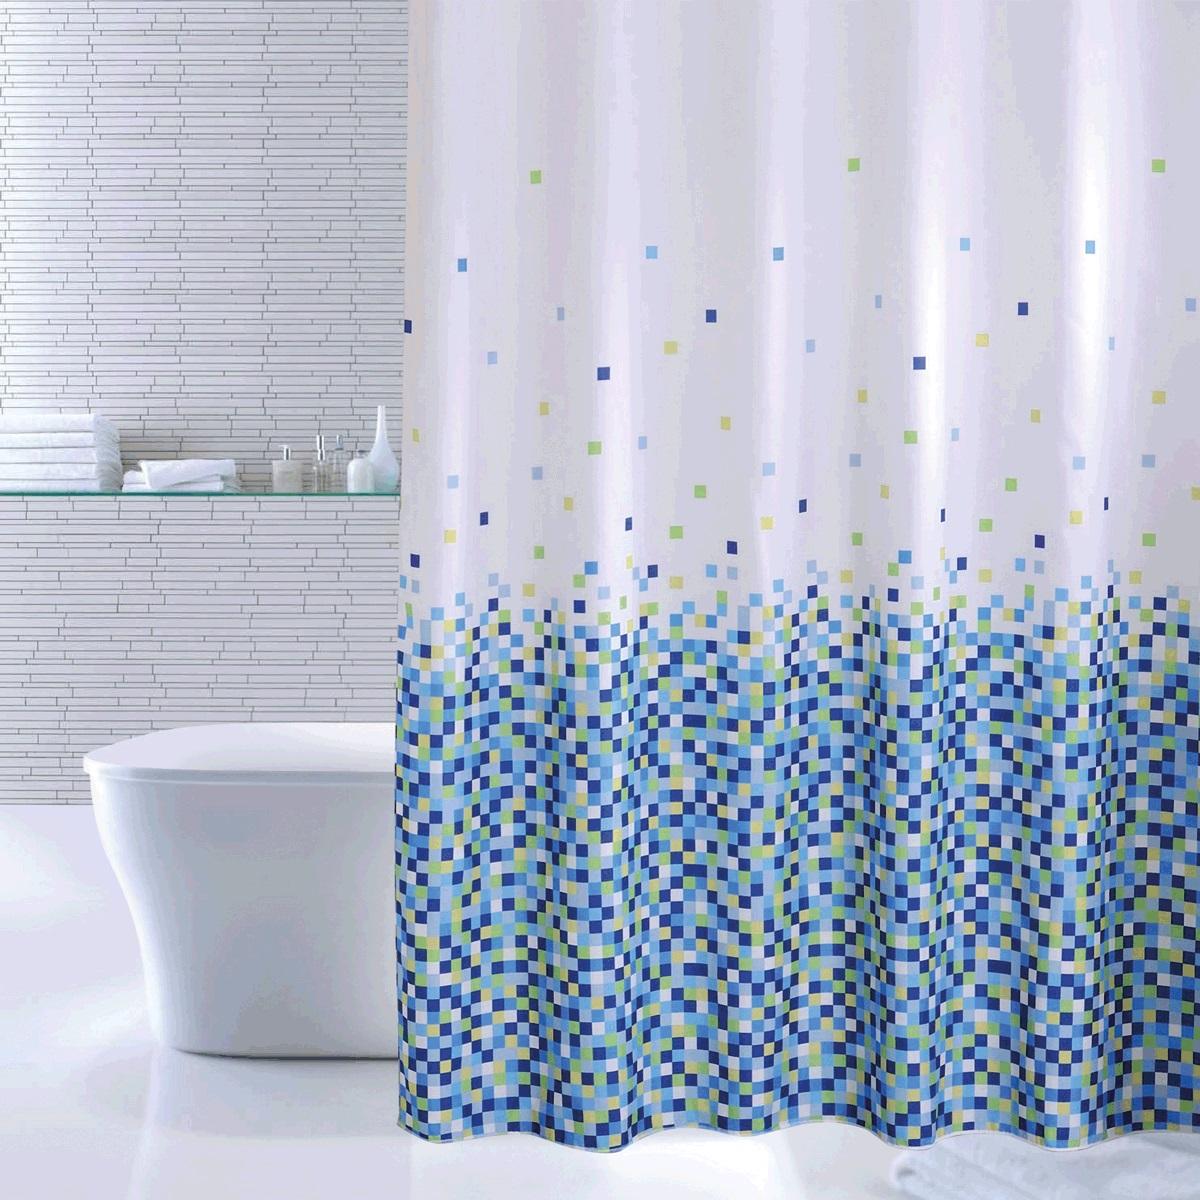 Штора для ванной Iddis Blue Pixels, цвет: синий, 180 x 200 см600P18Ri11Штора для ванной комнаты Iddis выполнена из быстросохнущего материала - 100% полиэстера, что обеспечивает прочность изделия и легкость ухода за ним.Материал шторы пропитан специальным водоотталкивающим составом Waterprof.Изделие изготовлено из экологически-чистого материала, оно обладает высокой степенью гигиеничности, не вызывает аллергических реакций.Штора имеет 12 металлических люверсов и утяжеляющую нить. В комплекте: штора и кольца.